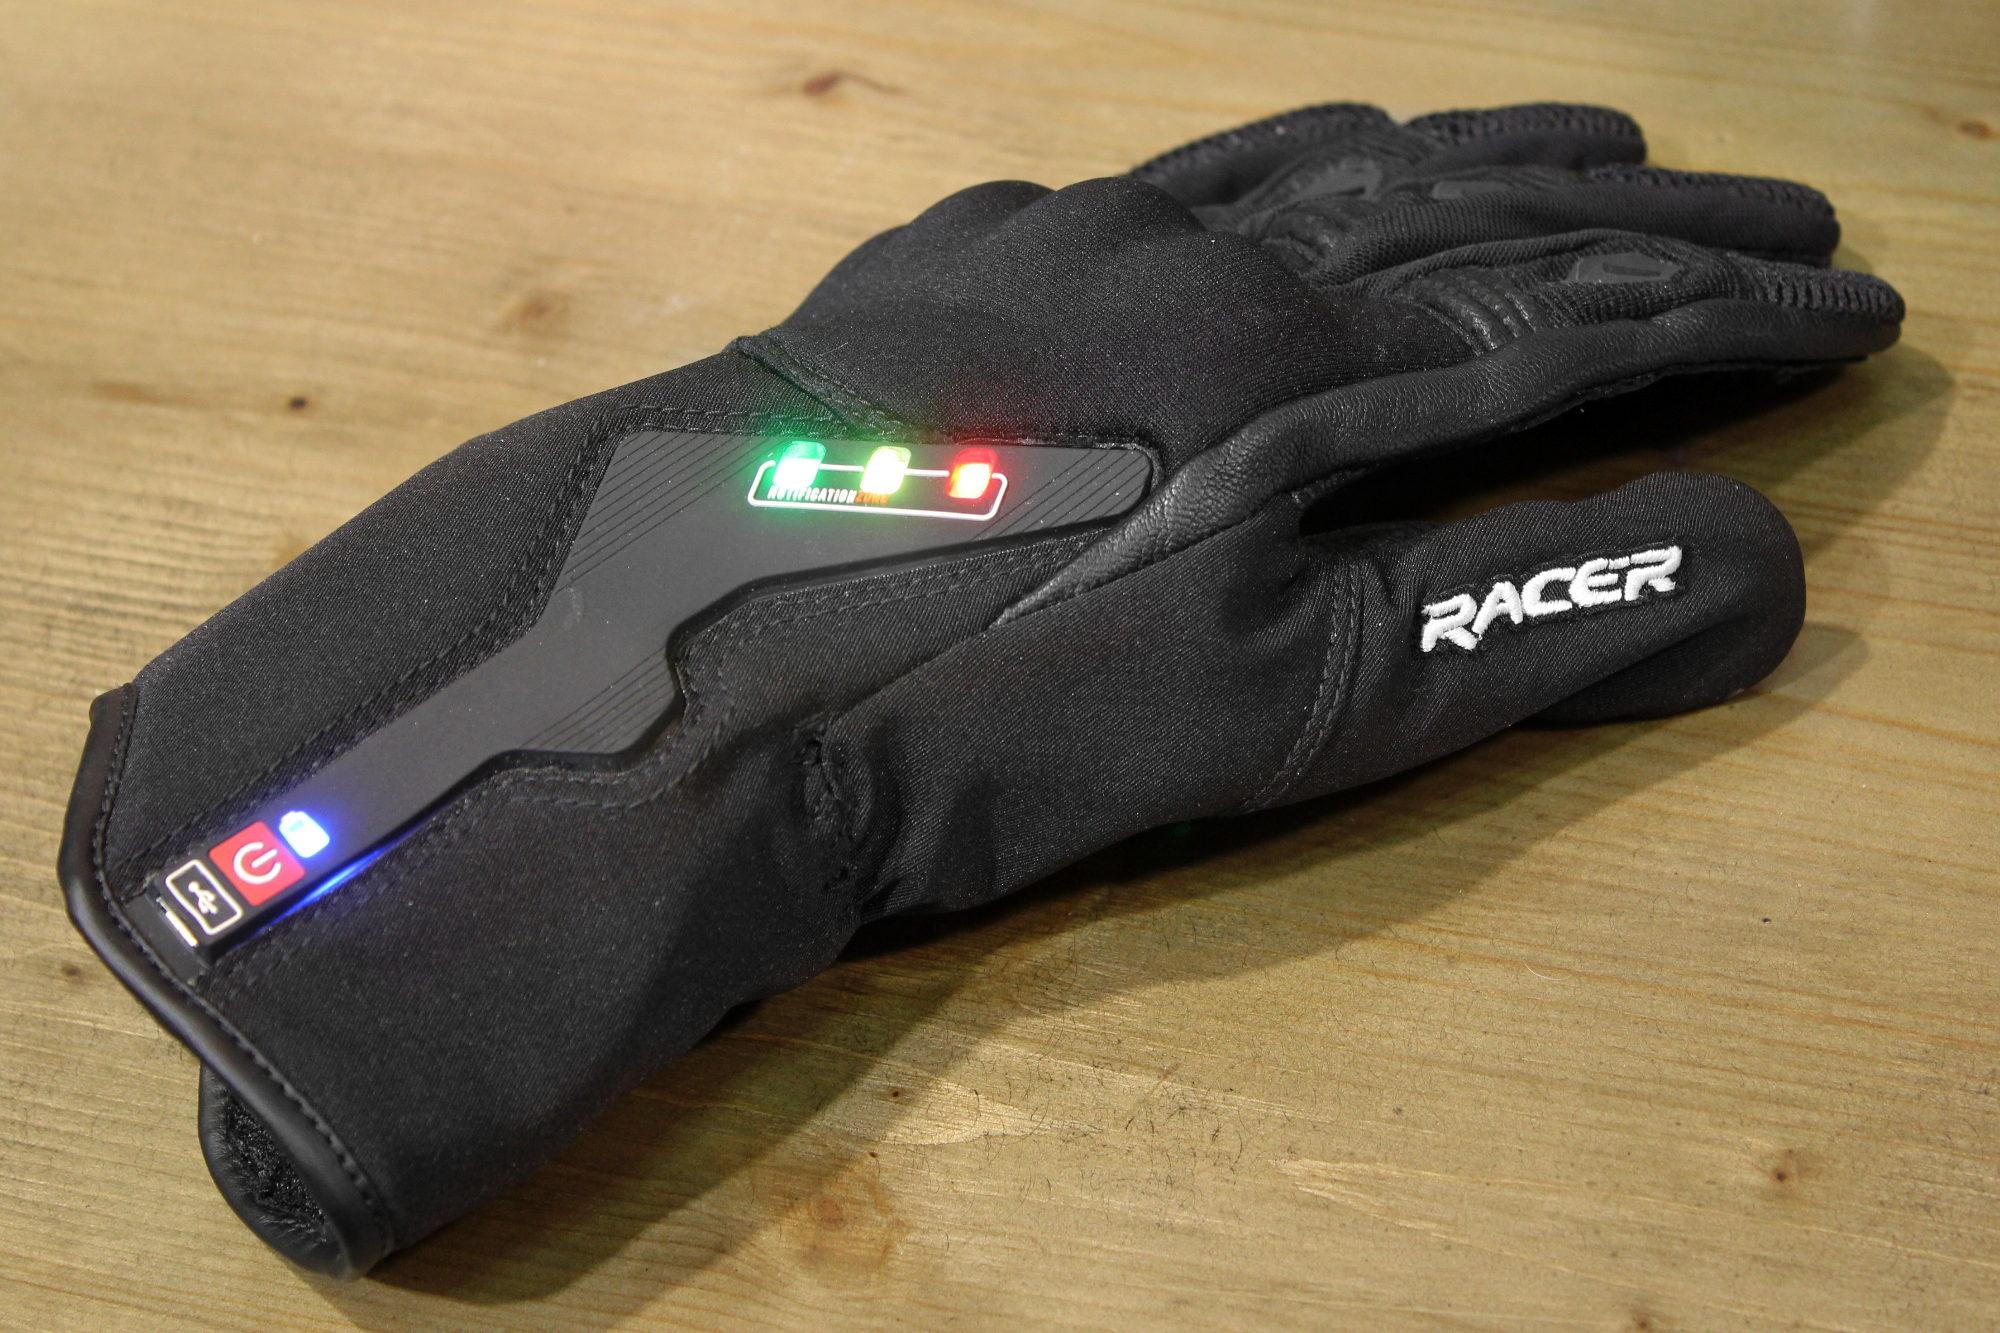 El prototipo de guante para moto conectado Liberty Racer que os advierte de los peligros